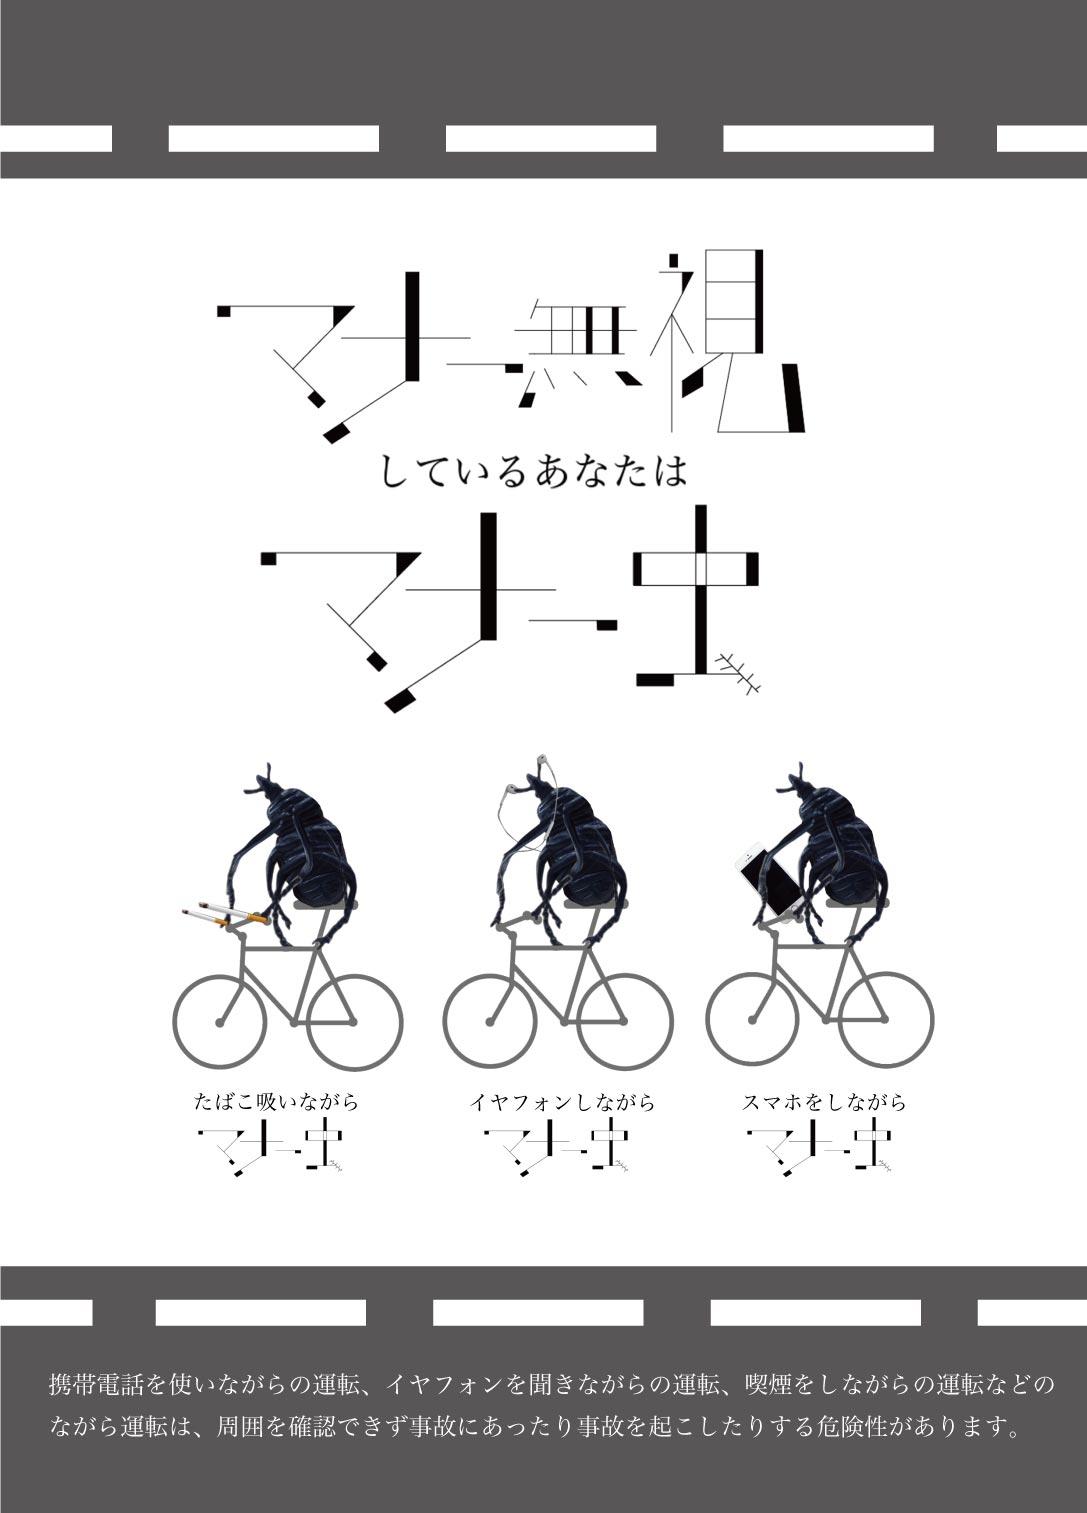 ポスター優秀賞「マナーむし」池辺・原田・山畑合作.jpg